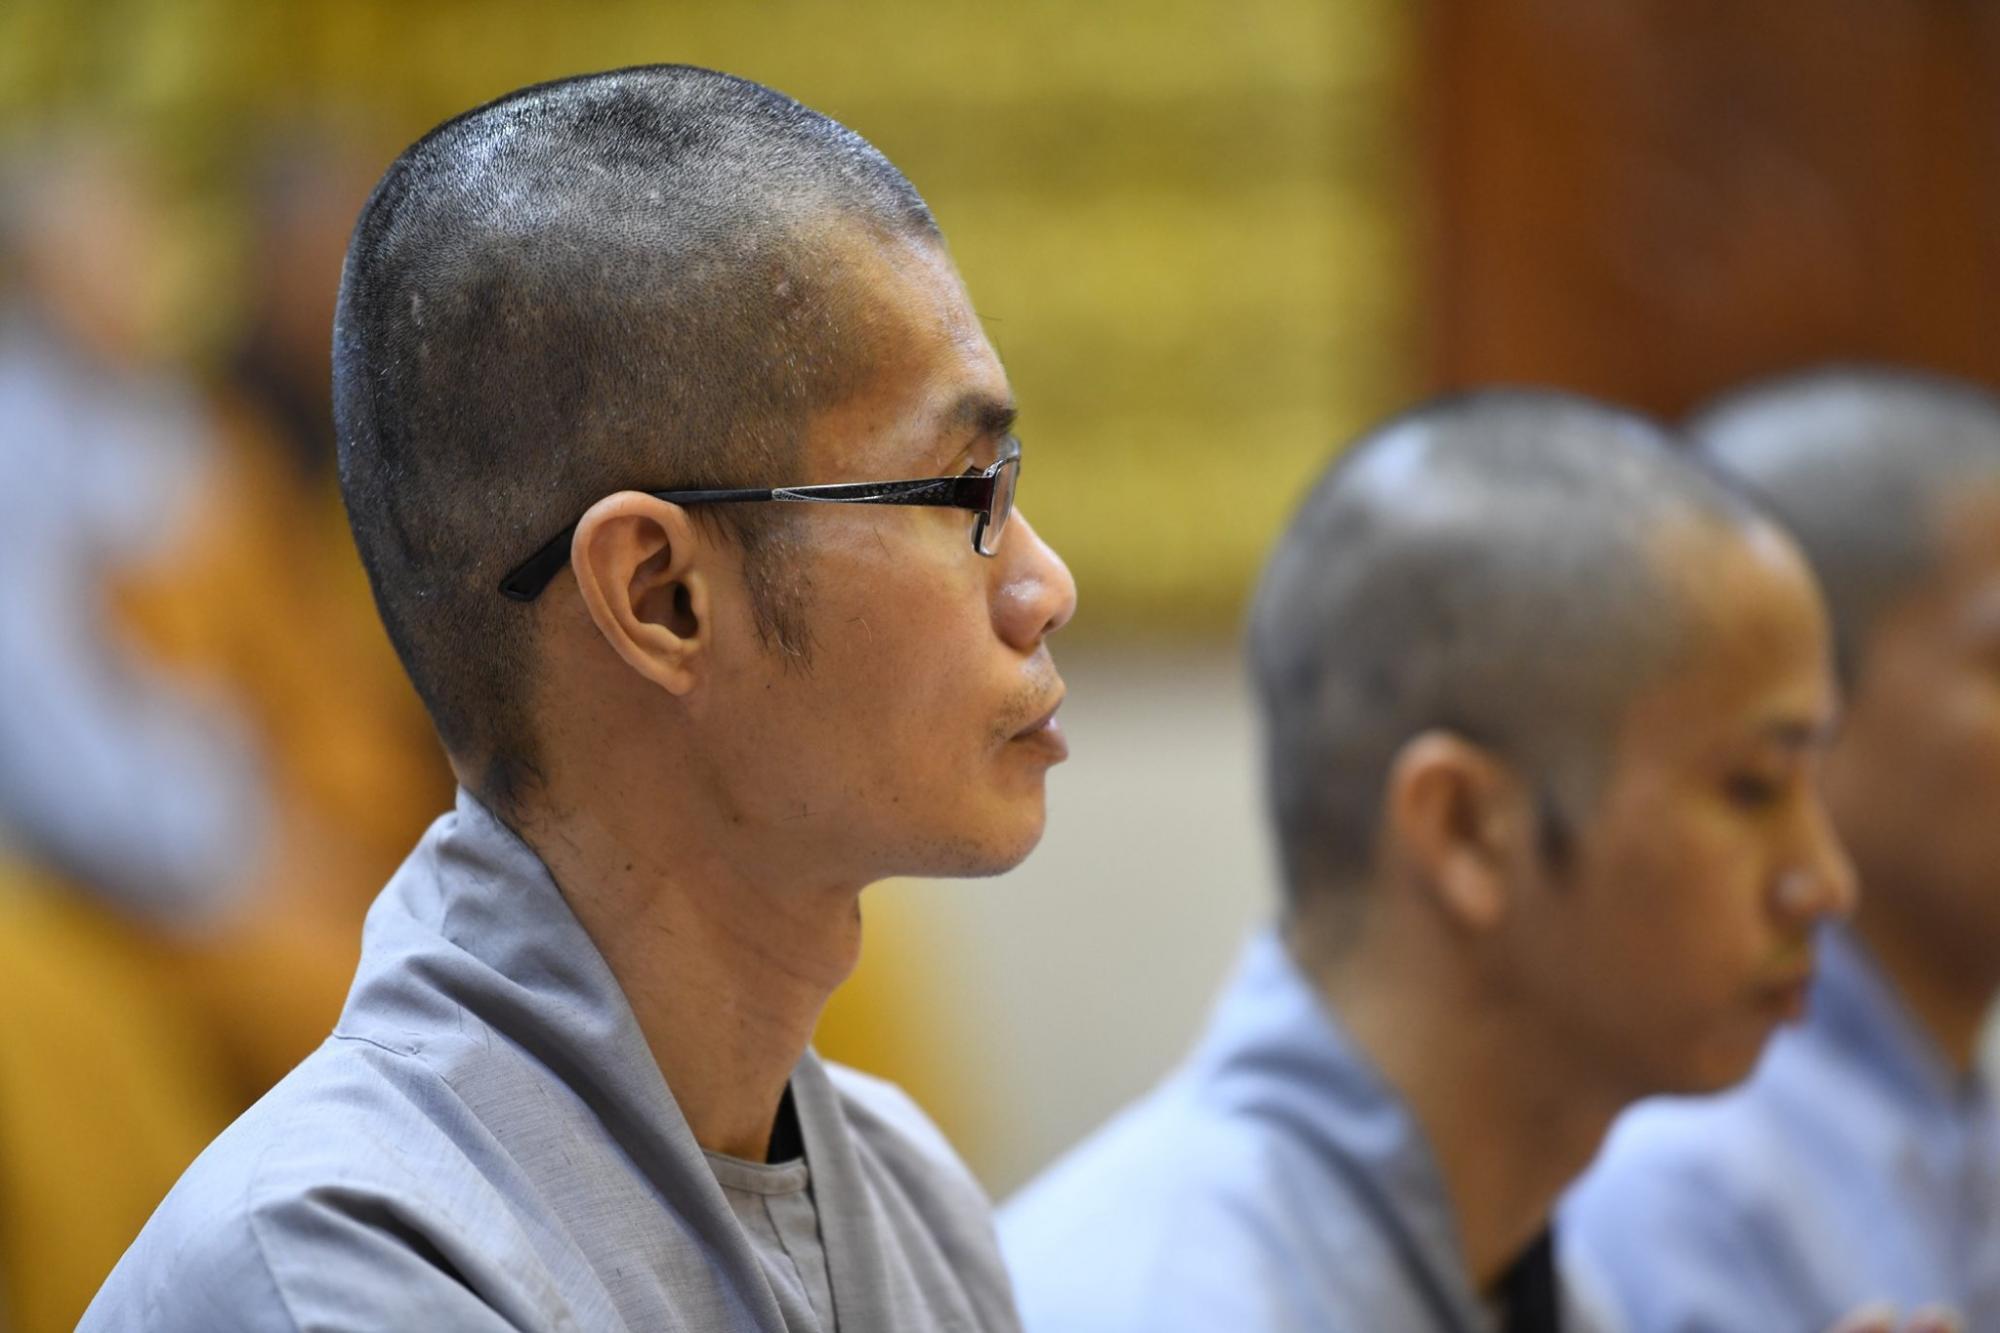 Lễ Xuất gia cho 11 Phật tử vào Rằm tháng 7 Kỷ Hợi (15-08-2019) tại Chùa Giác Ngộ